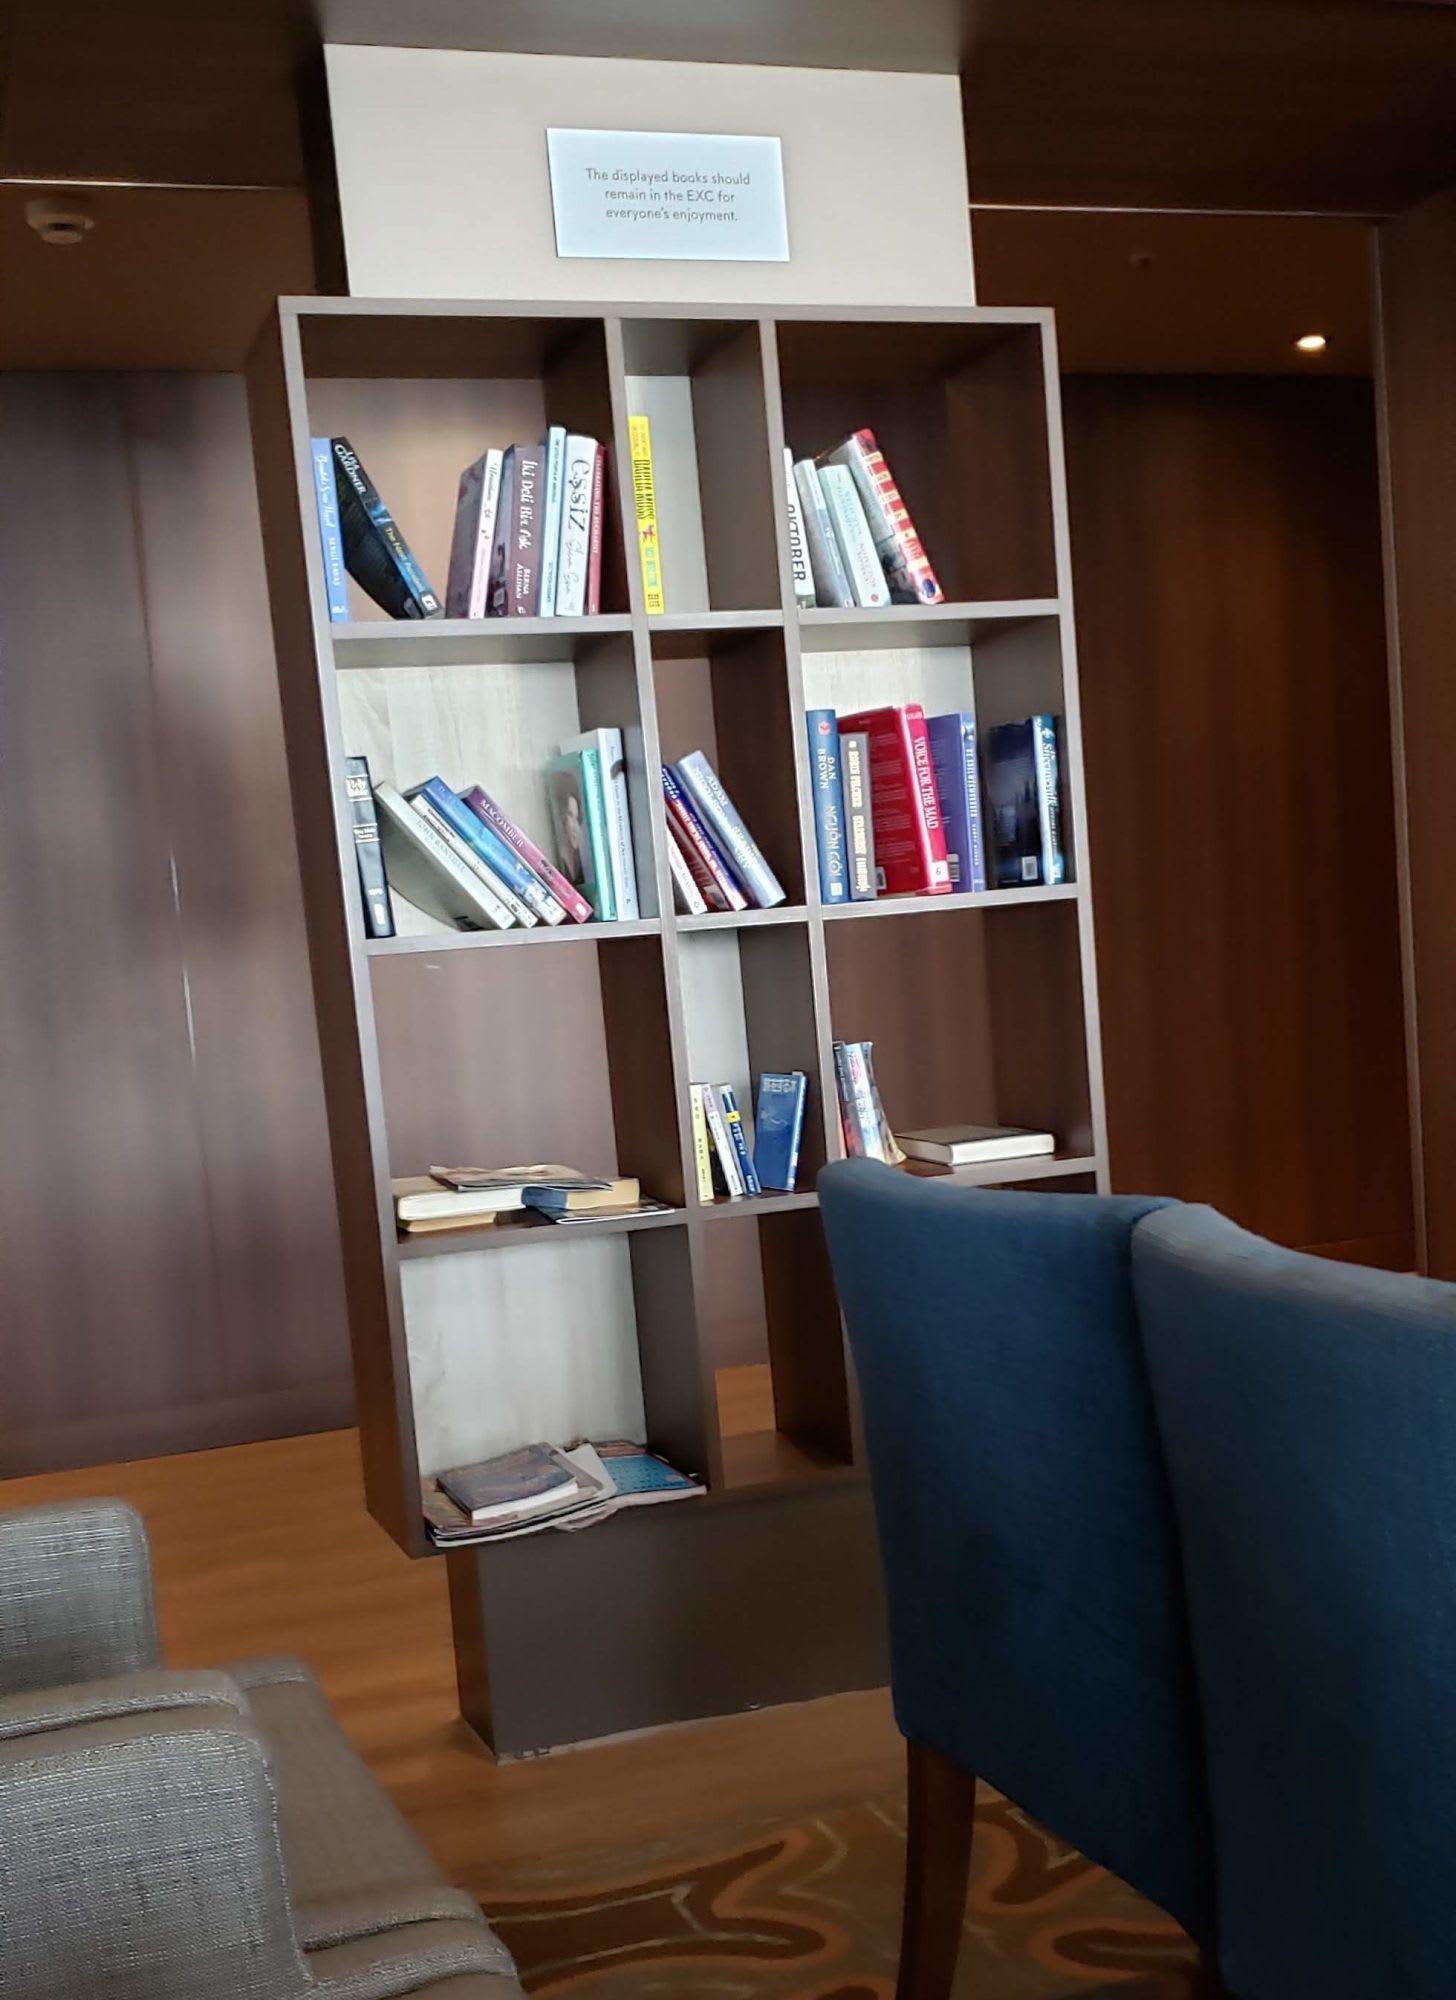 ライブラリーとは名ばかりの本棚